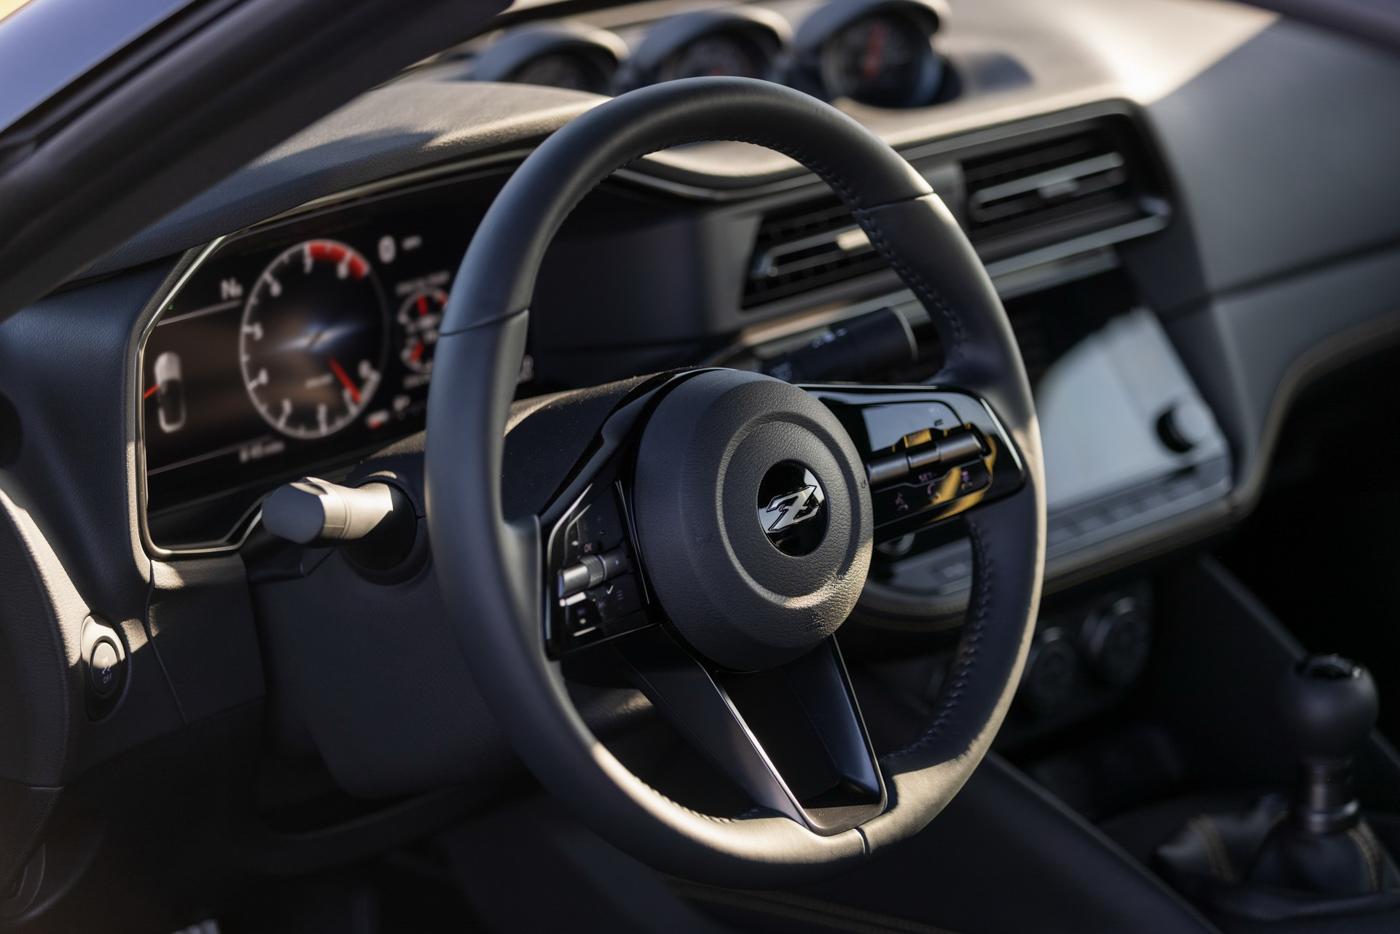 Nissan-Z-Coupe-2023-Con-ac-mong-cua-Toyota-GR-Supra-lo-dien-voi-suc-manh-400-ma-luc-voi-gia-qu...JPG